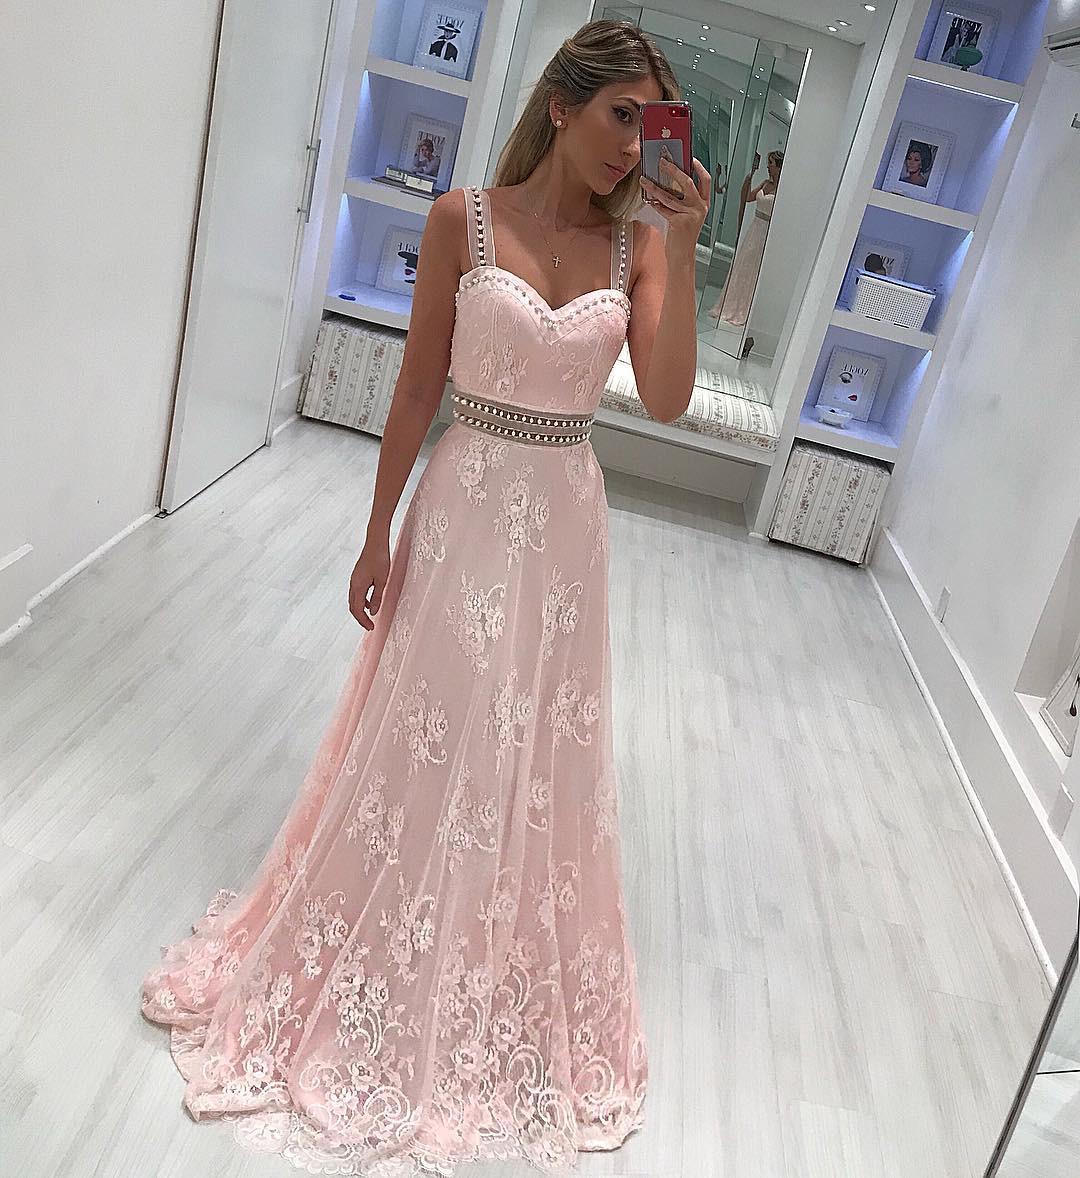 Elegant Rosa Abend Kleider Ärmel15 Fantastisch Rosa Abend Kleider Galerie